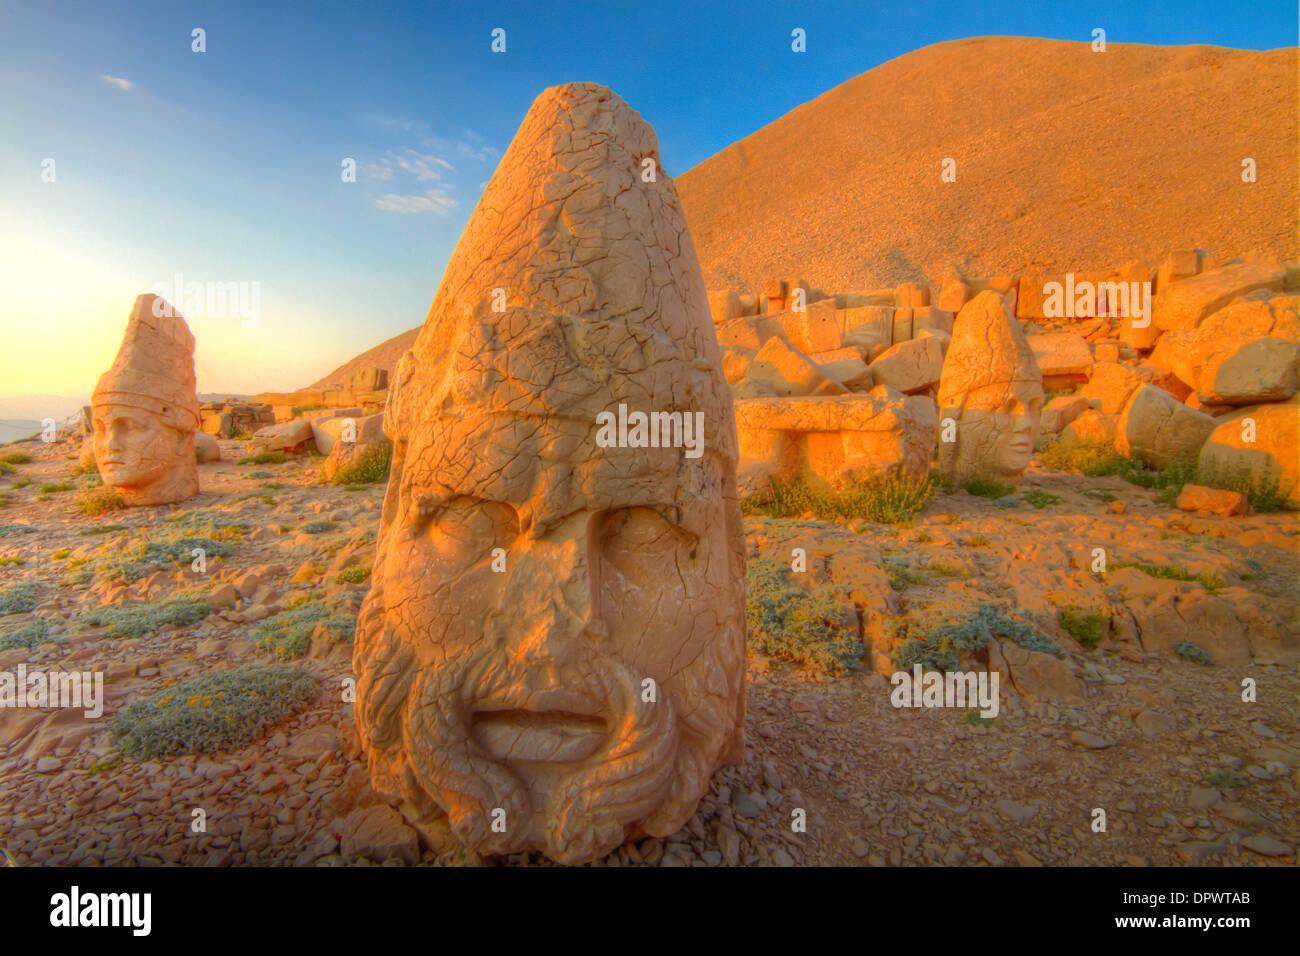 Riesige Zeus Skulptur Mount Nemrut Nationalpark Türkei antike Überreste der 2000 Jahre alten Kultur der Kommagene Stockfoto